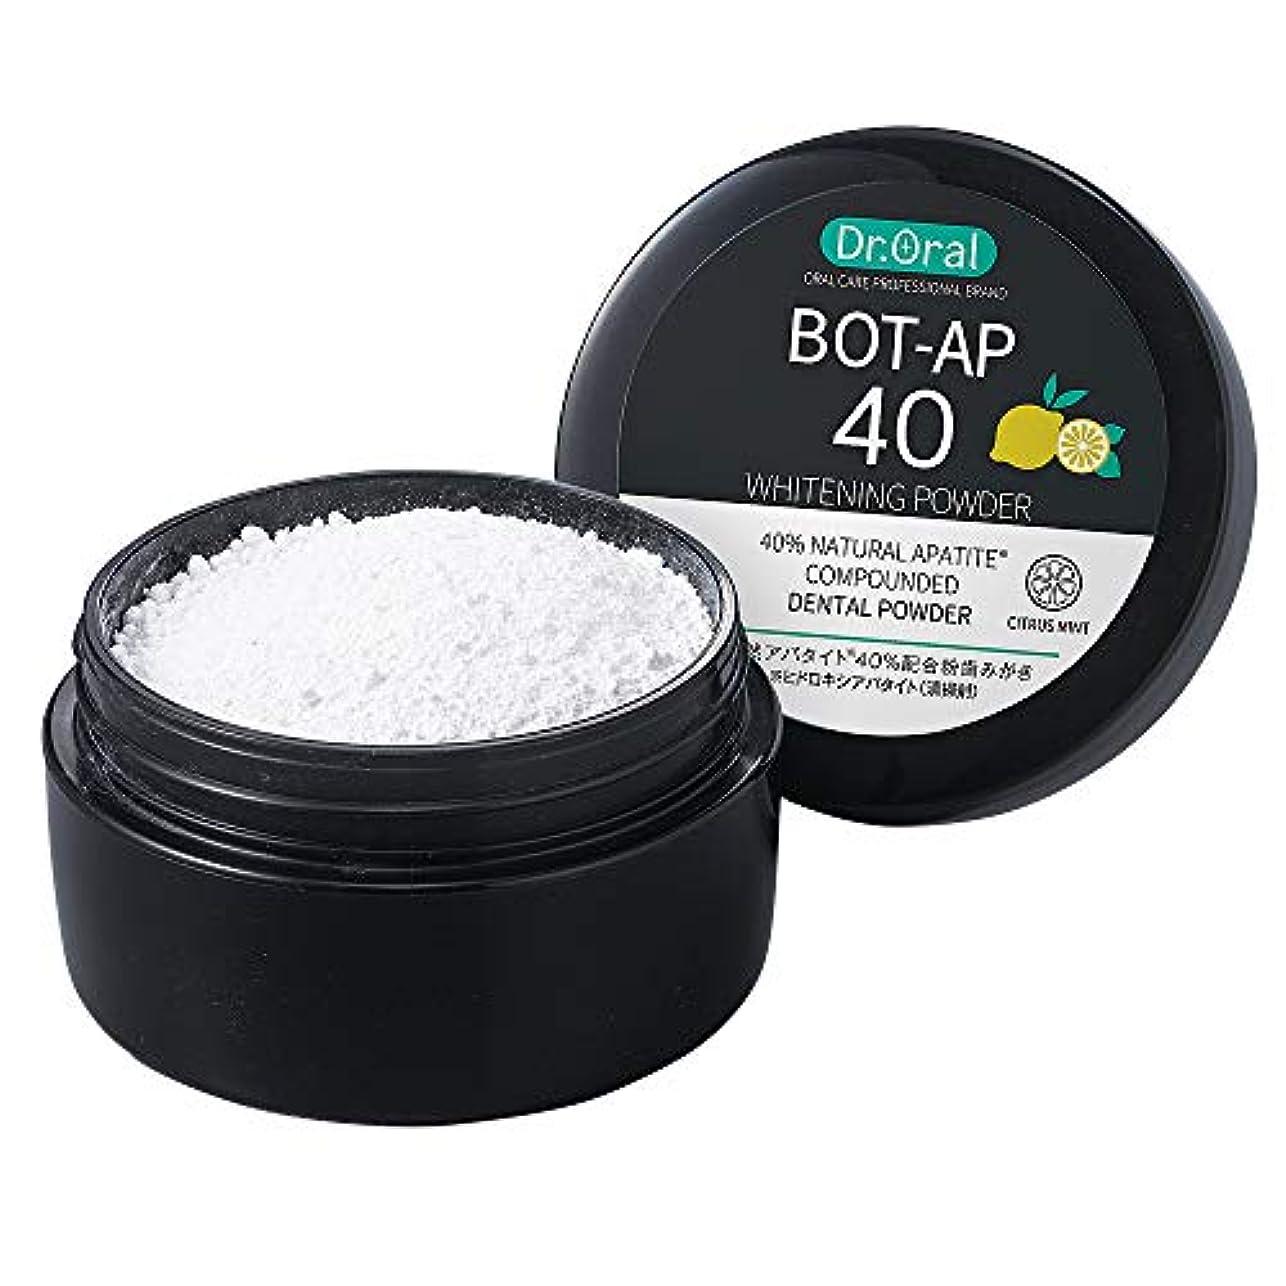 理容師周術期カートDr.オーラル ホワイトニングパウダー シトラス 天然アパタイト40%配合